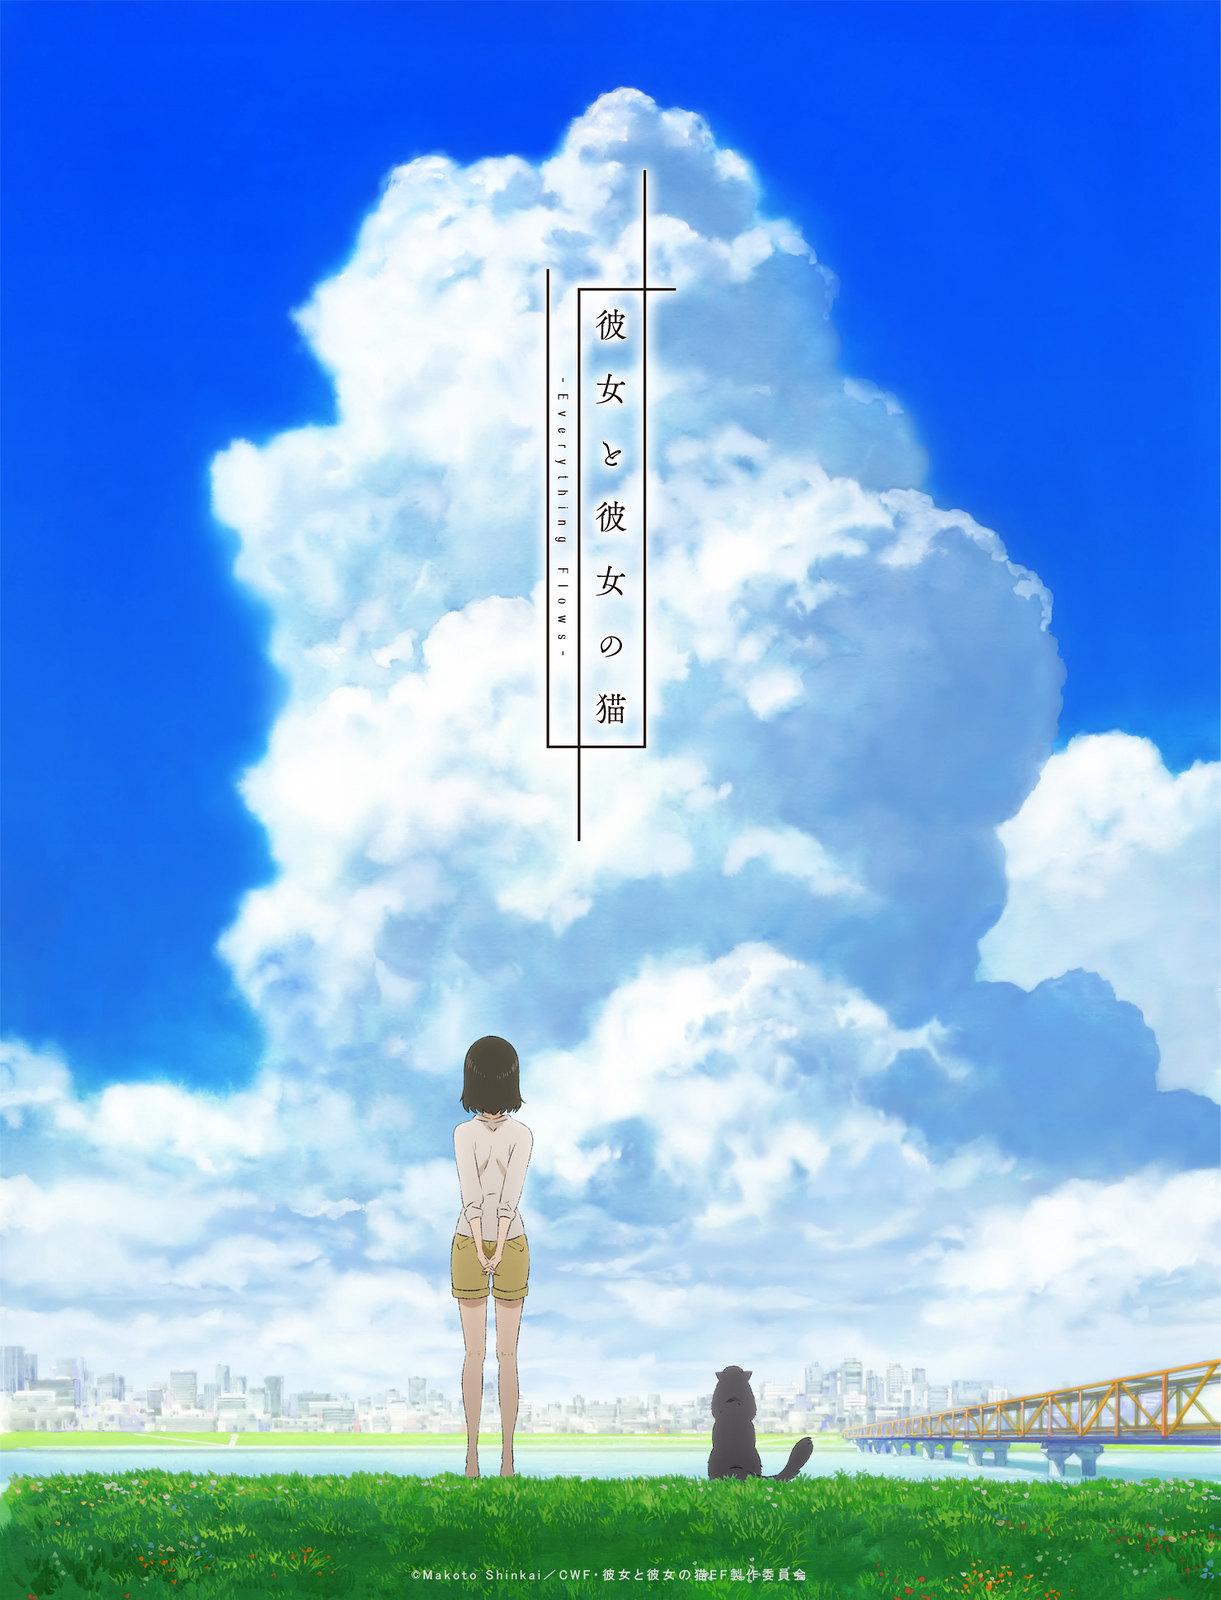 160110(2) -「花澤香菜」是那個她!新海誠16年前出道作《她與她的貓》將改編10分鐘電視動畫版、預定3/4放送!